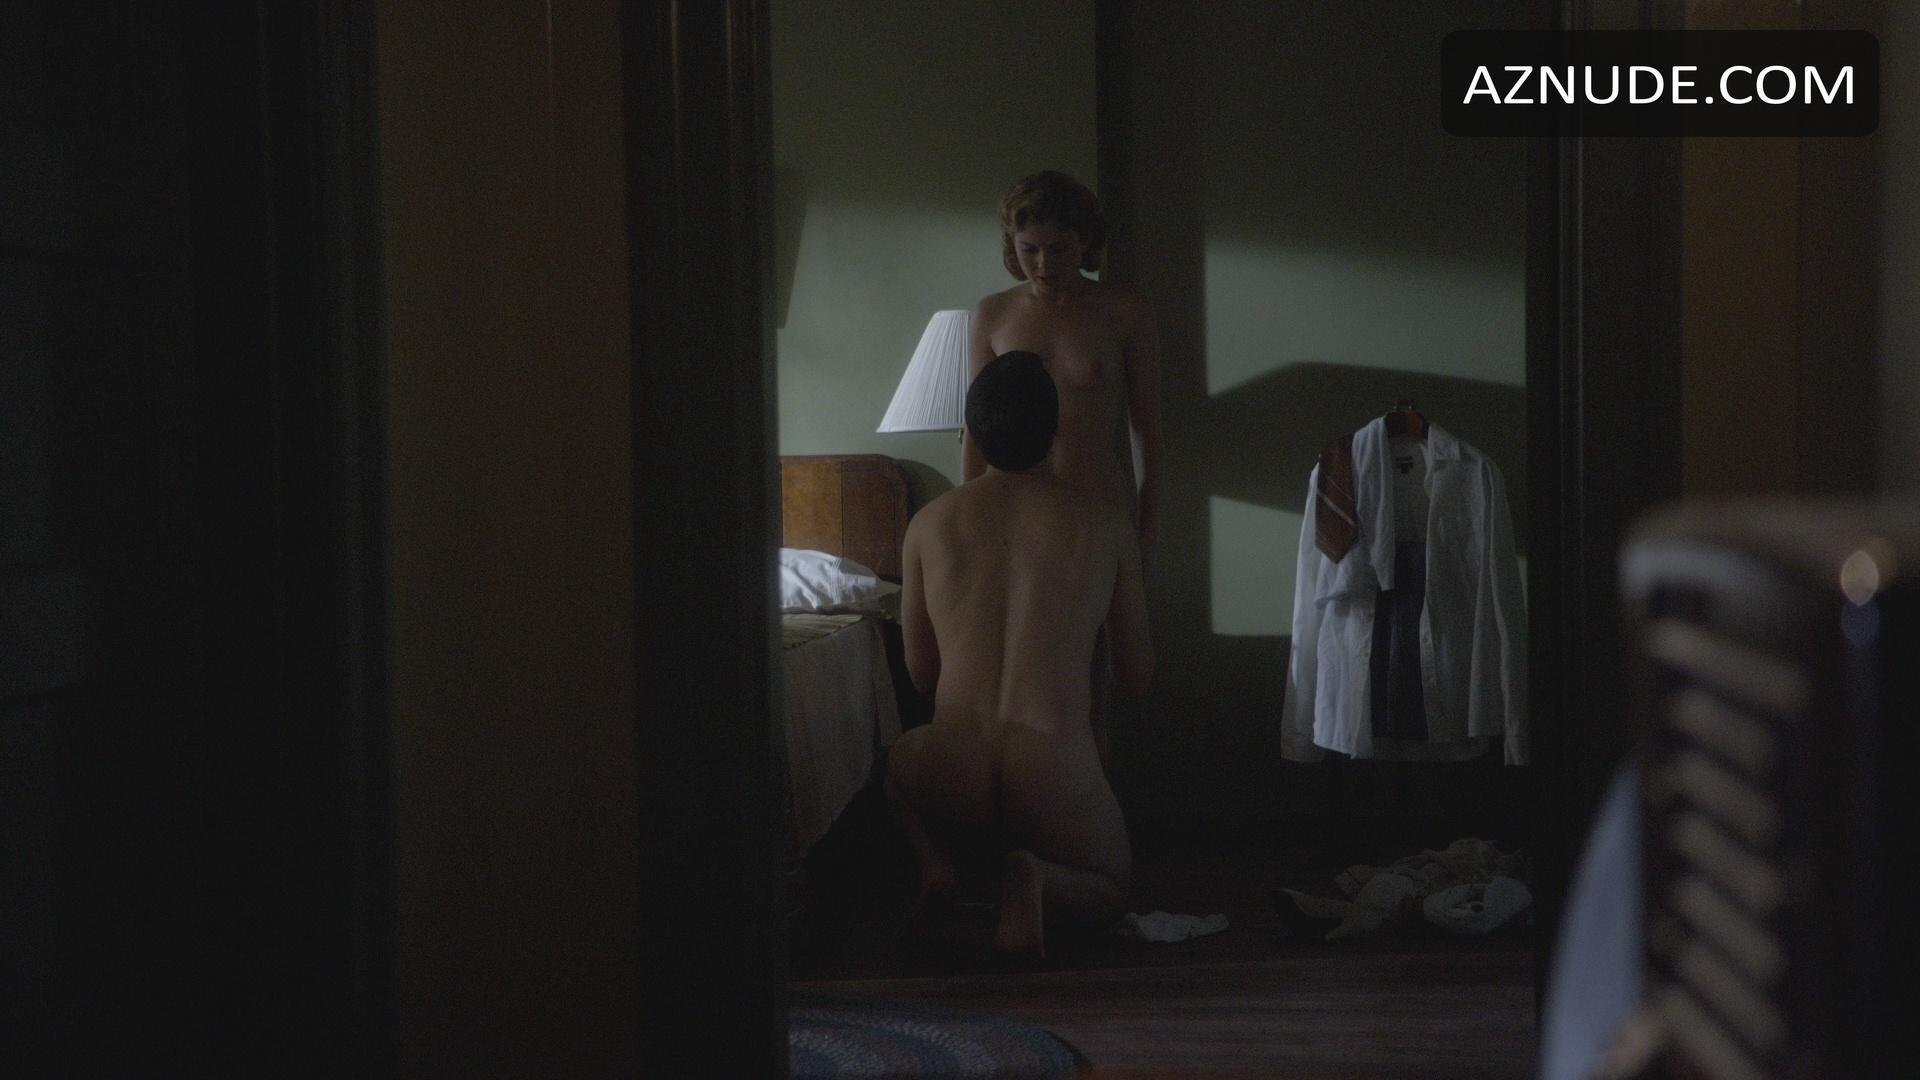 rachel tease nude pussy